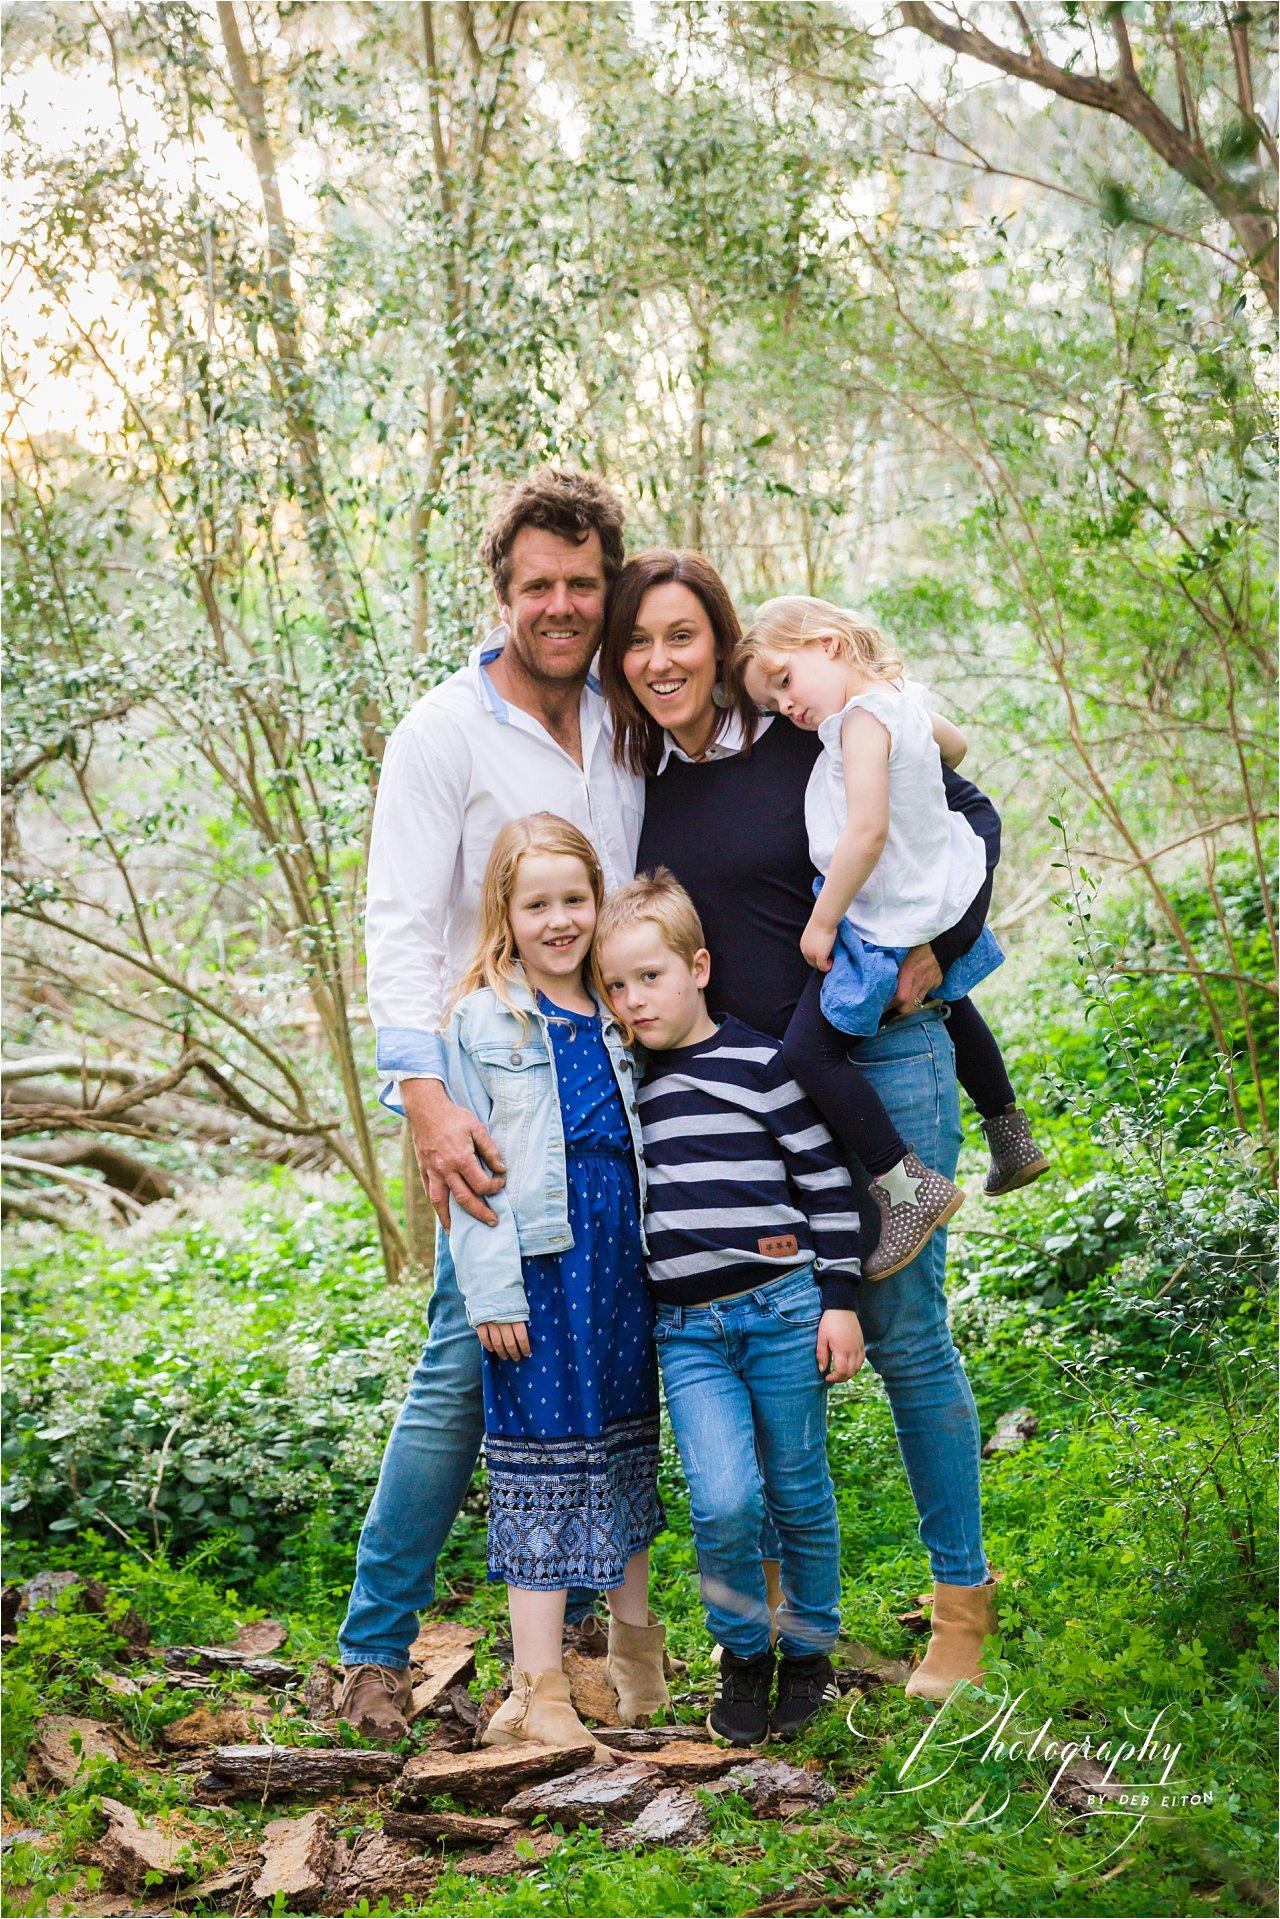 wadefamily-49.jpg